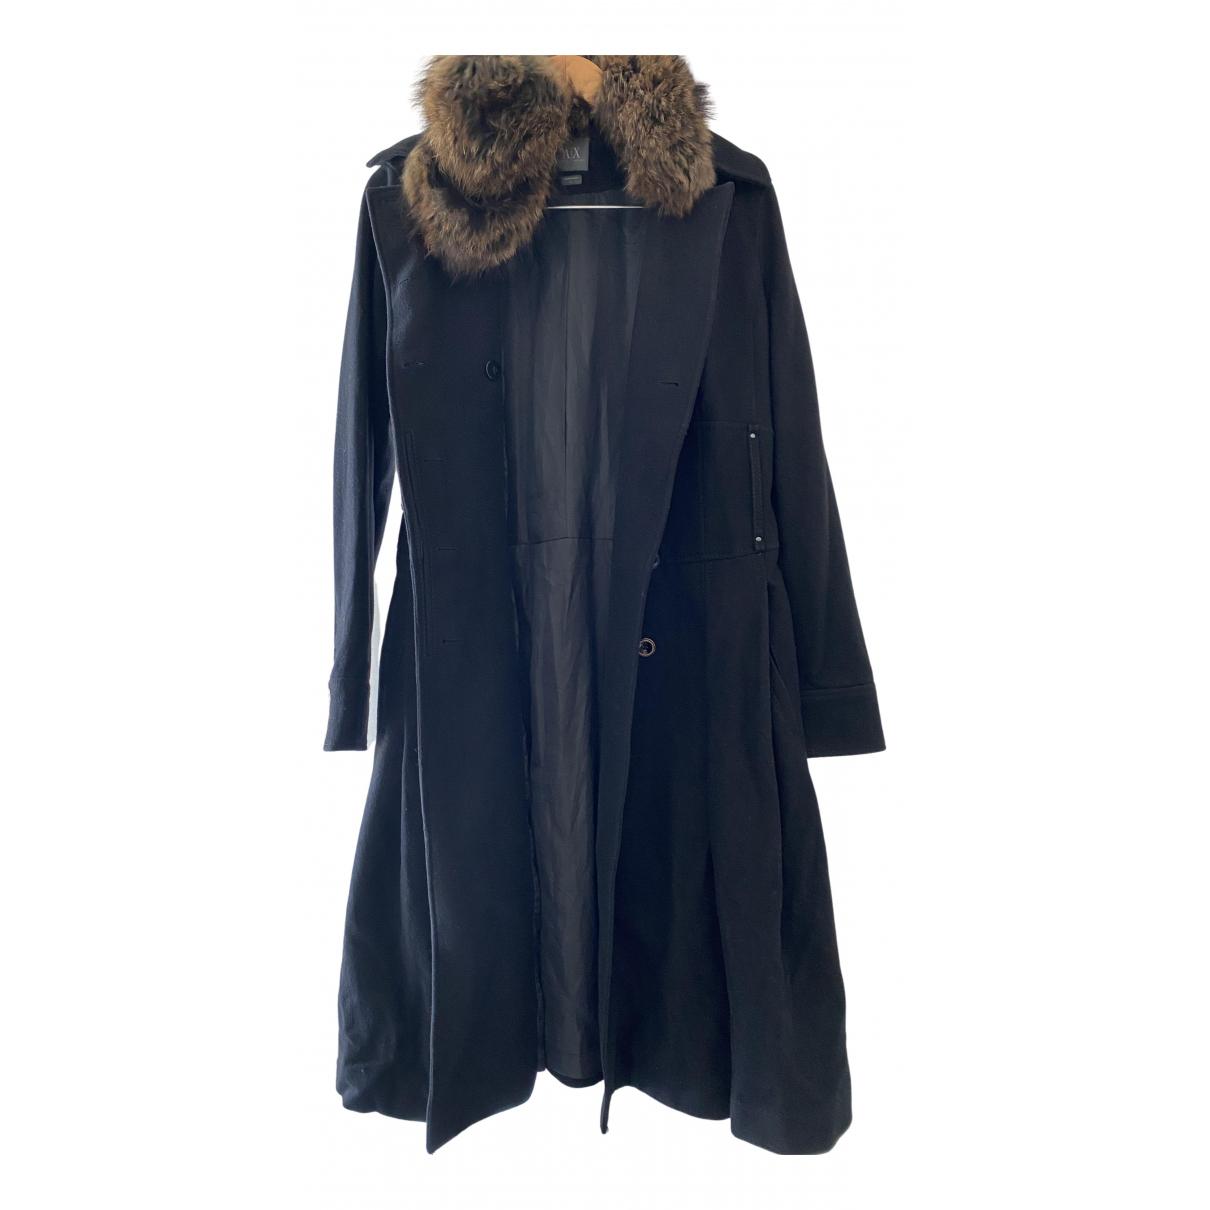 Emporio Armani - Manteau   pour femme en laine - noir